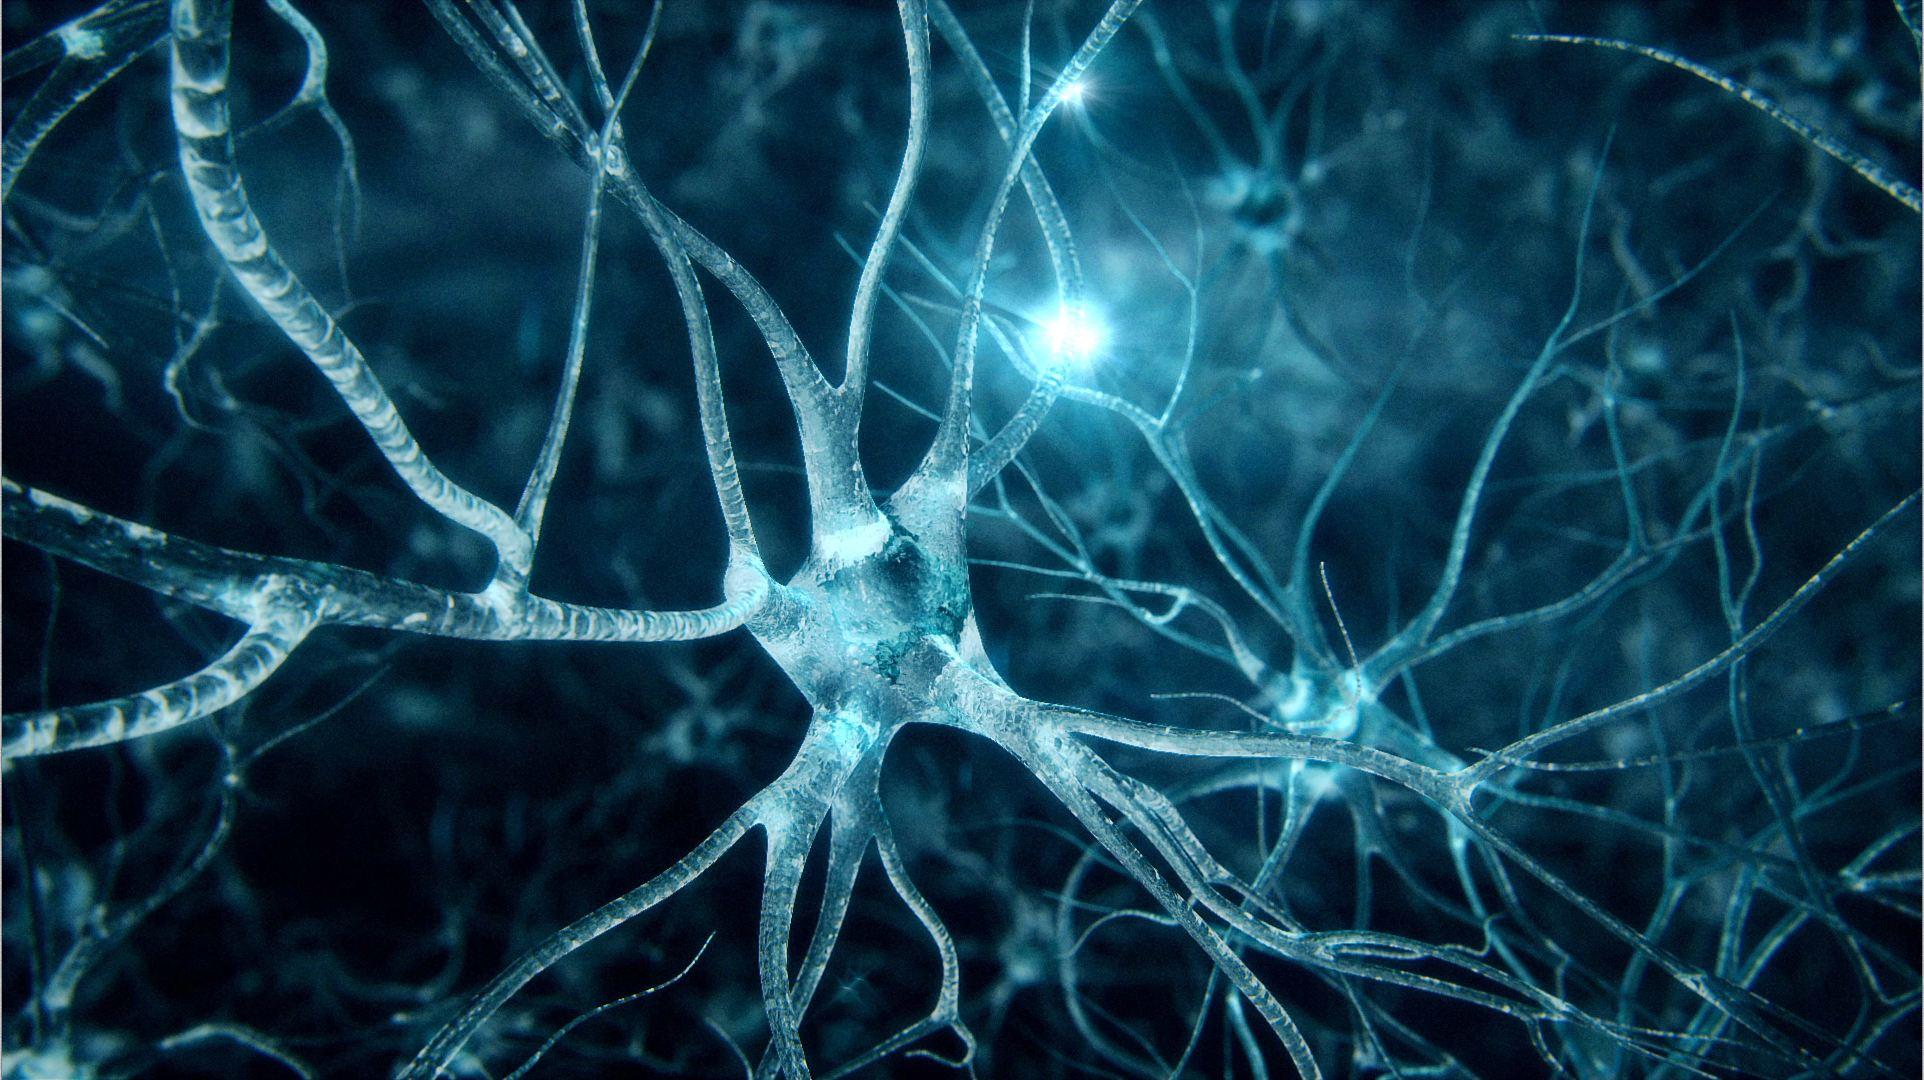 دراسة: البروتين الذي يسبب مرض الزهايمر يغير هيئته قبل دخول خلايا المخ